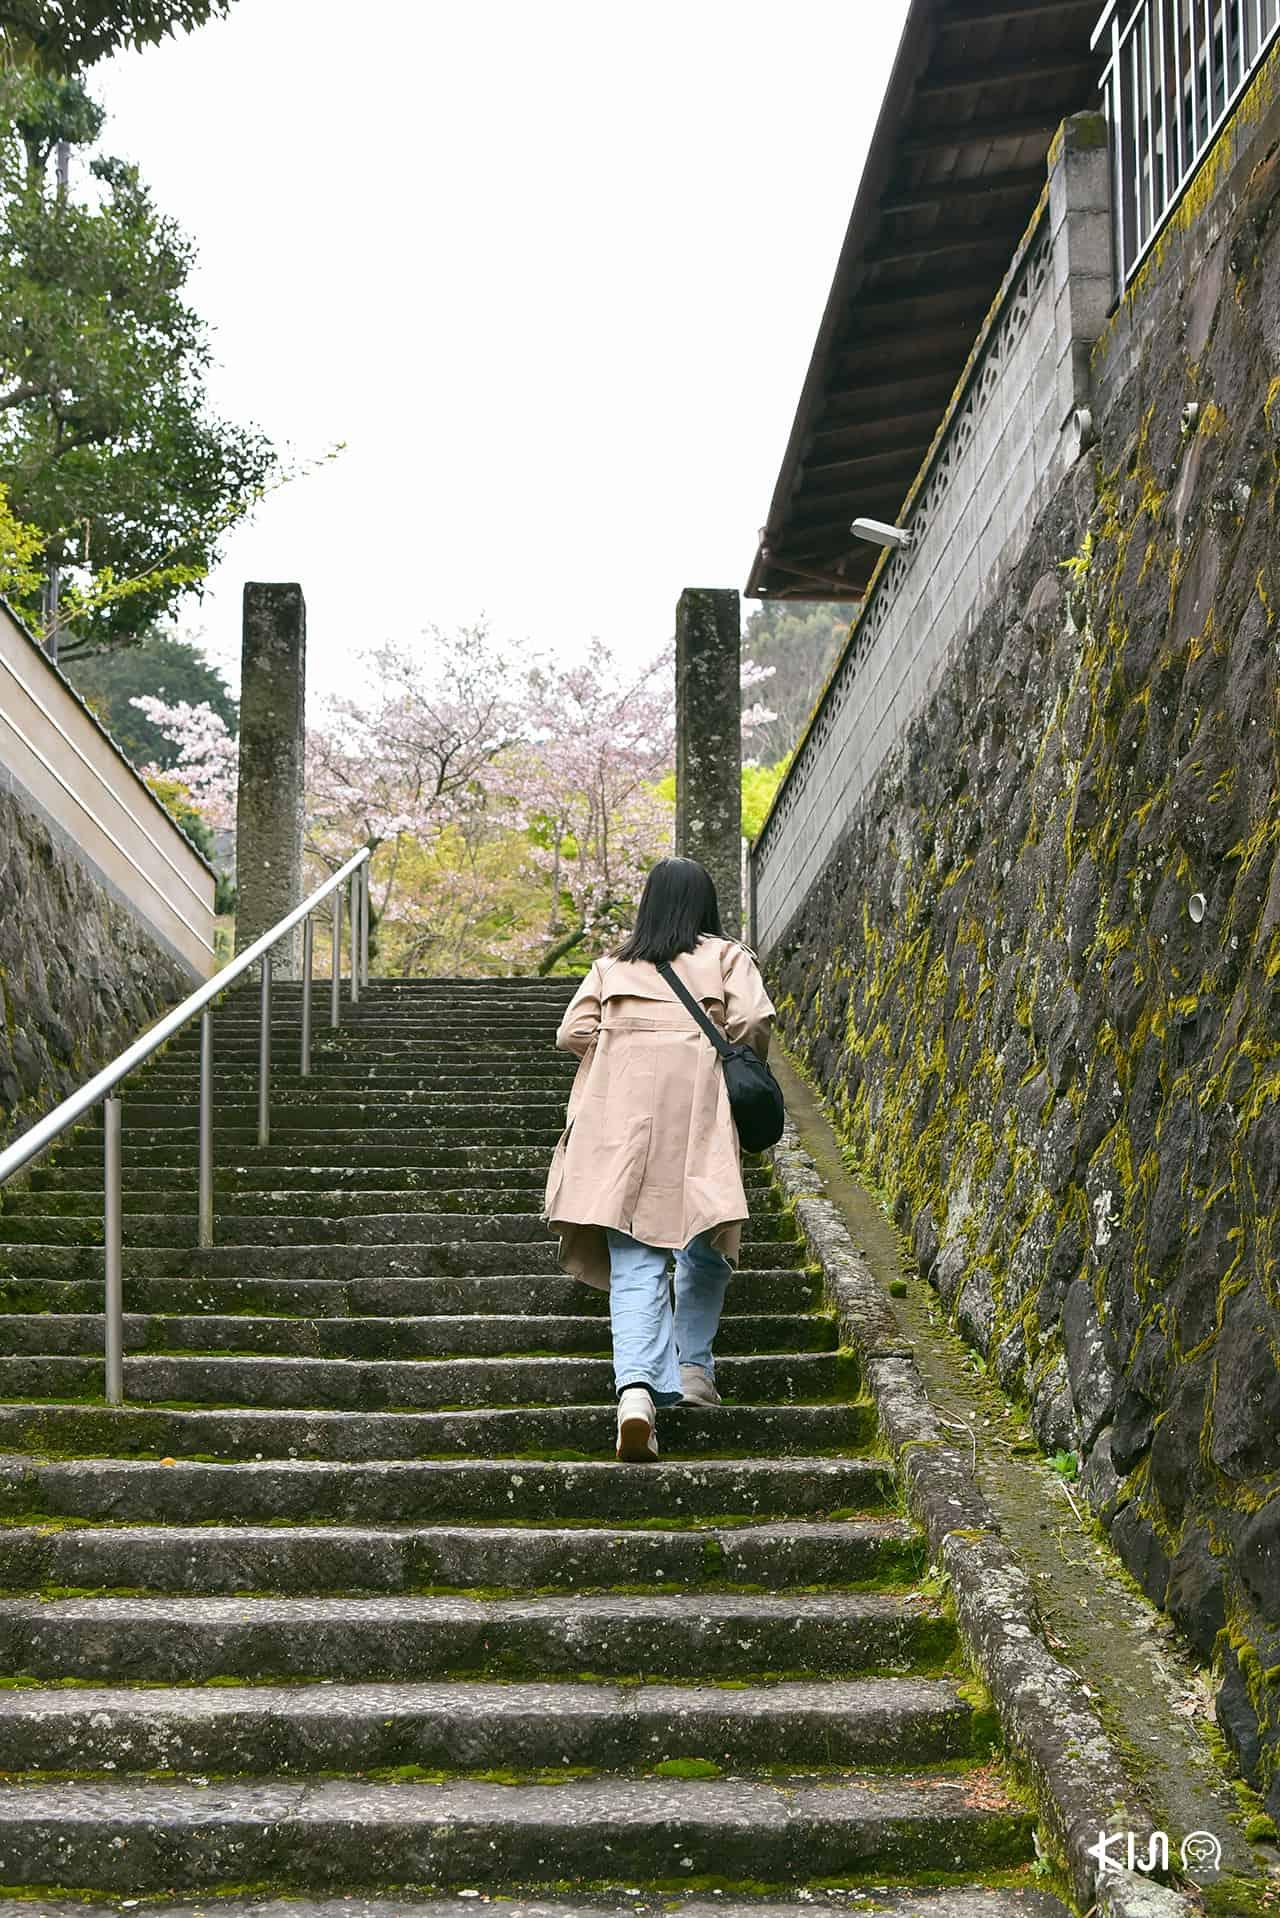 วัดฟุคุเซนจิ (Fukusenji Temple) จ.คานางาวะ (Kanagawa)